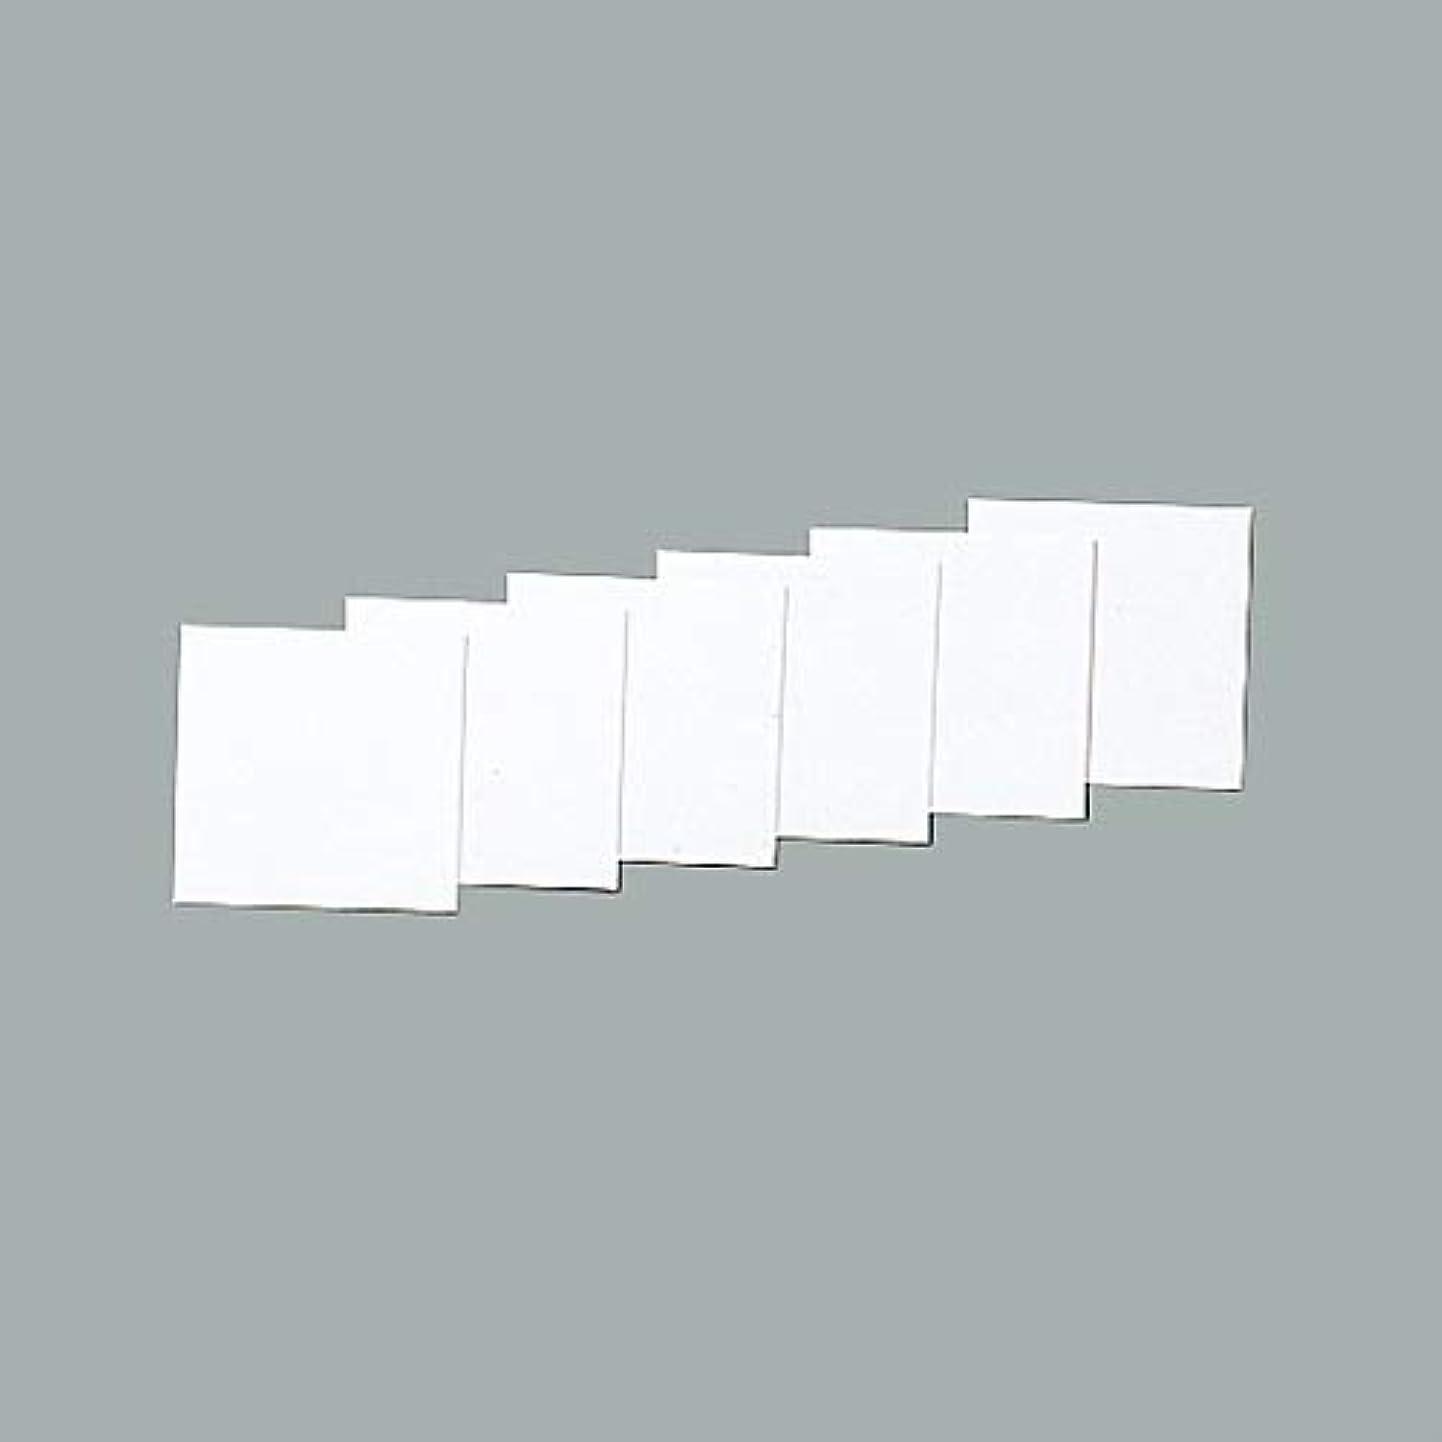 クラッシュ発揮するニコチンスチールケース用札 KS-C札(白)/61-3394-16